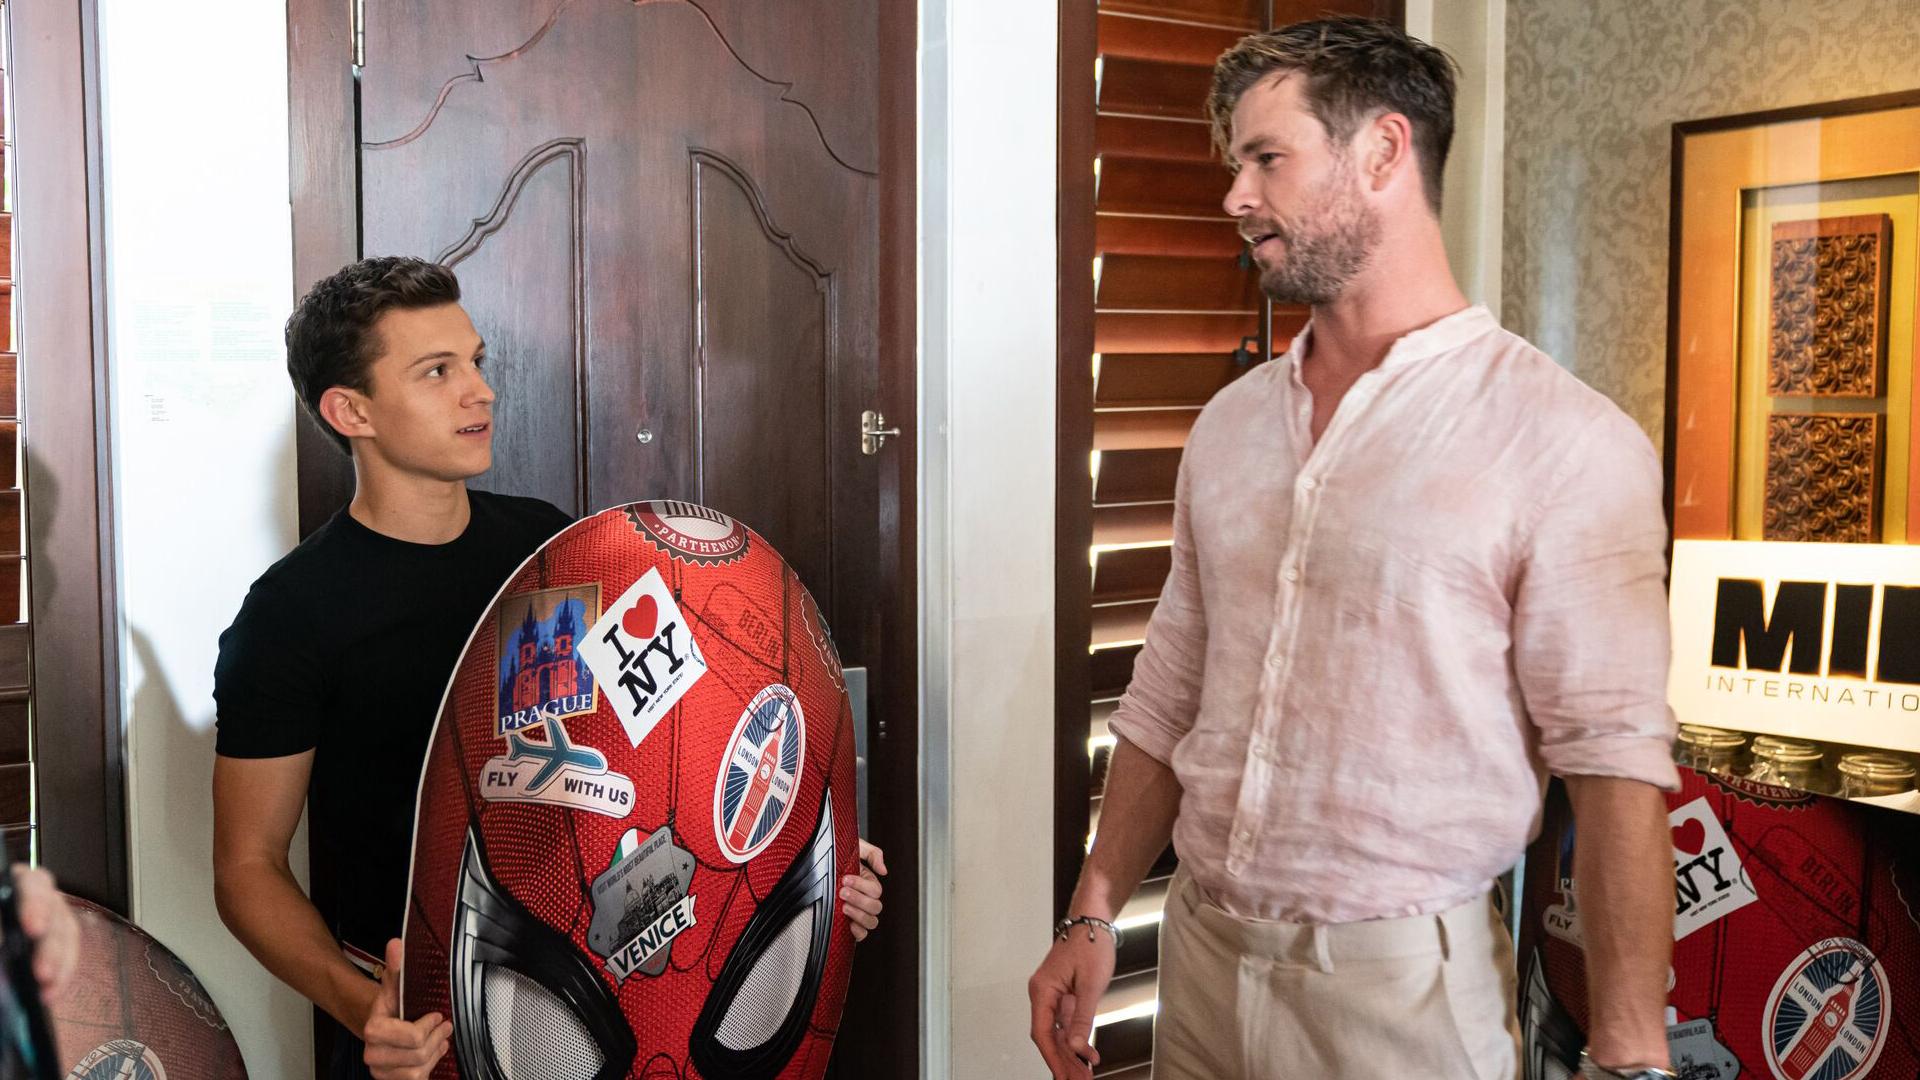 Màn đối đáp 'lầy lội' không có trên phim của Thor và Người nhện